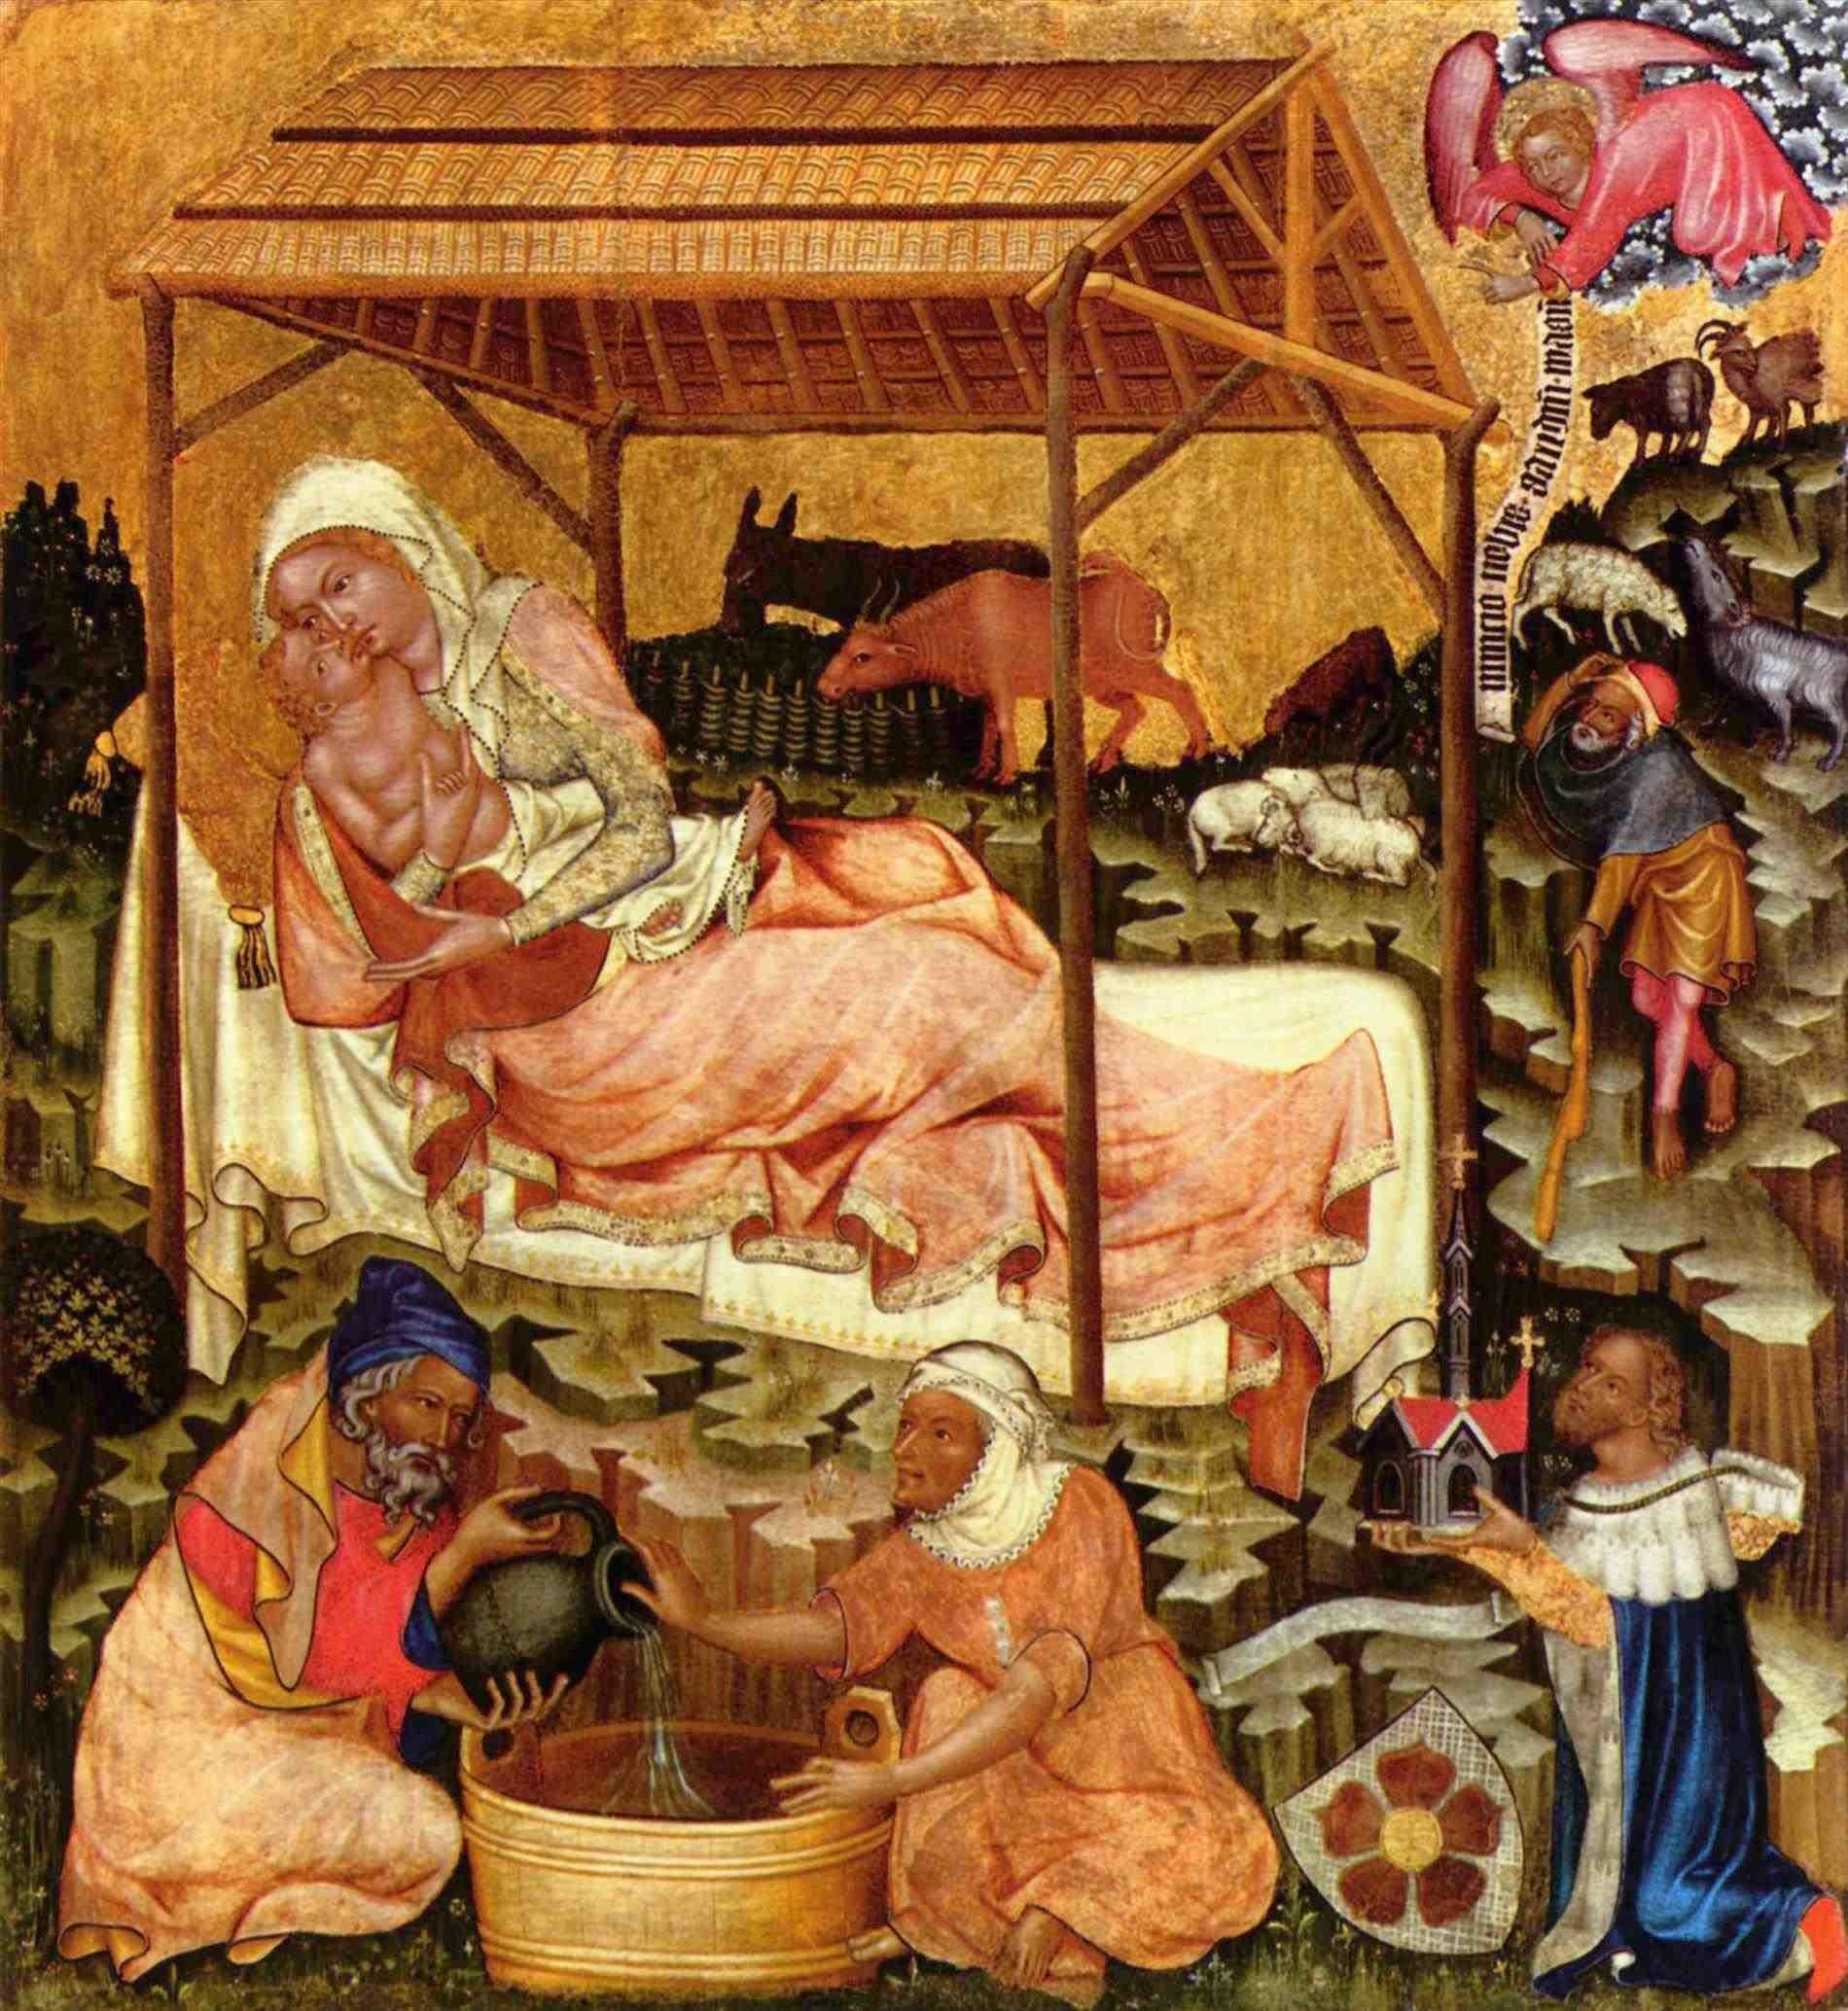 nativity scene wallpaper  44  images